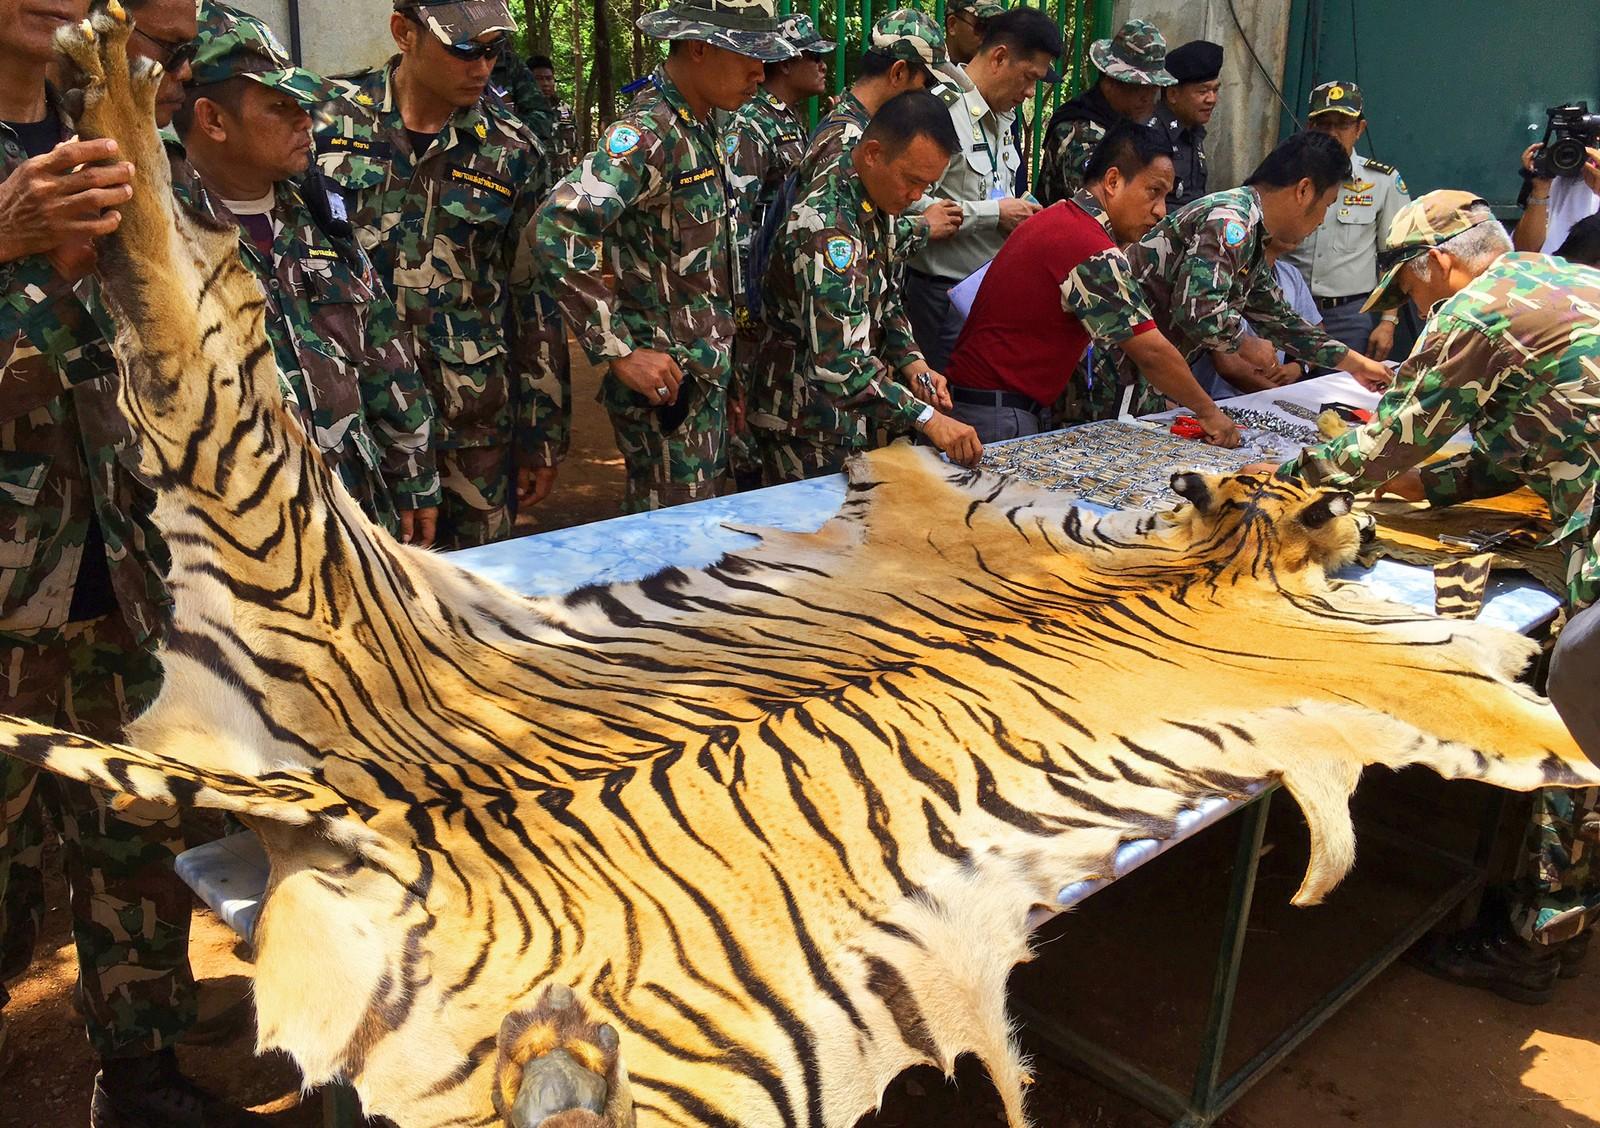 Et tigerskinn undersøkes av nasjonalpark- og dyrevoktere, 2. juni 2016. Thailandsk politi sier de stoppet en lastebil som fraktet to tigerskinn og andre deler av dyr idet de forsøkte å forlate templet. To ansatte ble pågrepet og siktet i saken.